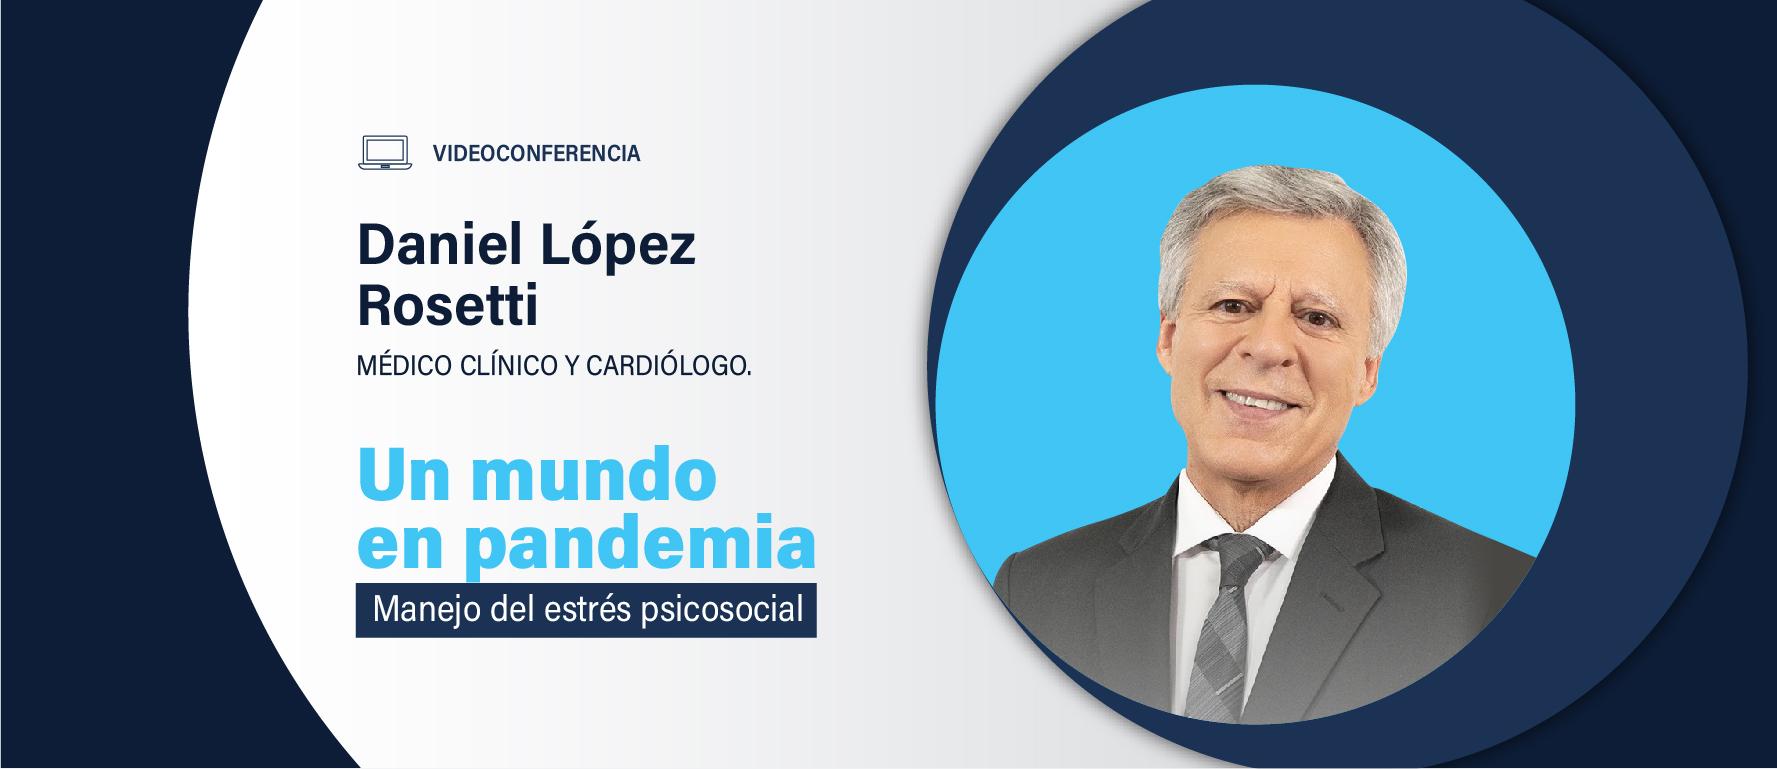 """Videoconferencia del Dr. López Rosetti: """"Un mundo en pandemia – manejo del estrés psicosocial"""""""